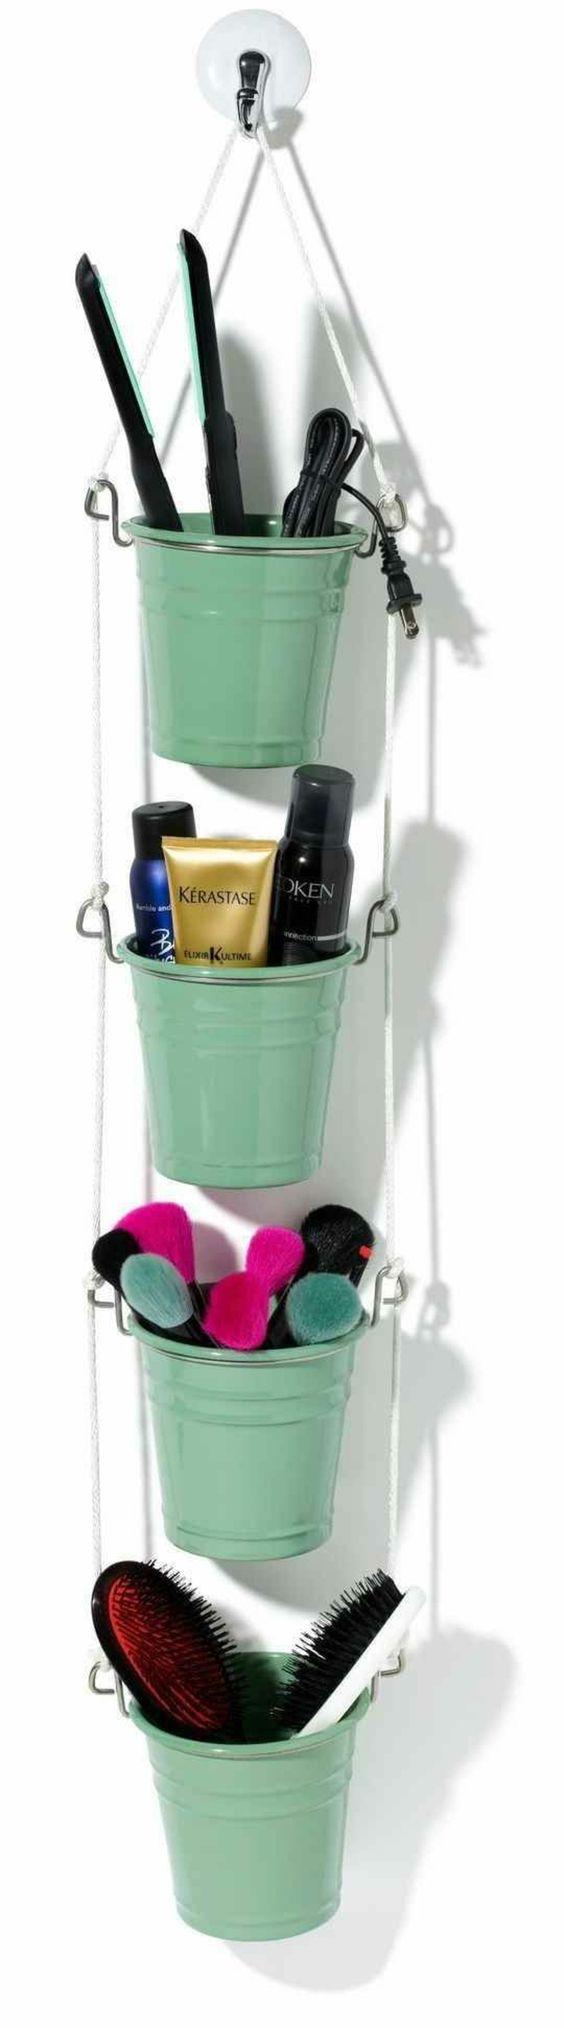 Badezimmer-Ideen-kleine-grüne-Eimer-kosmetische-Produkte